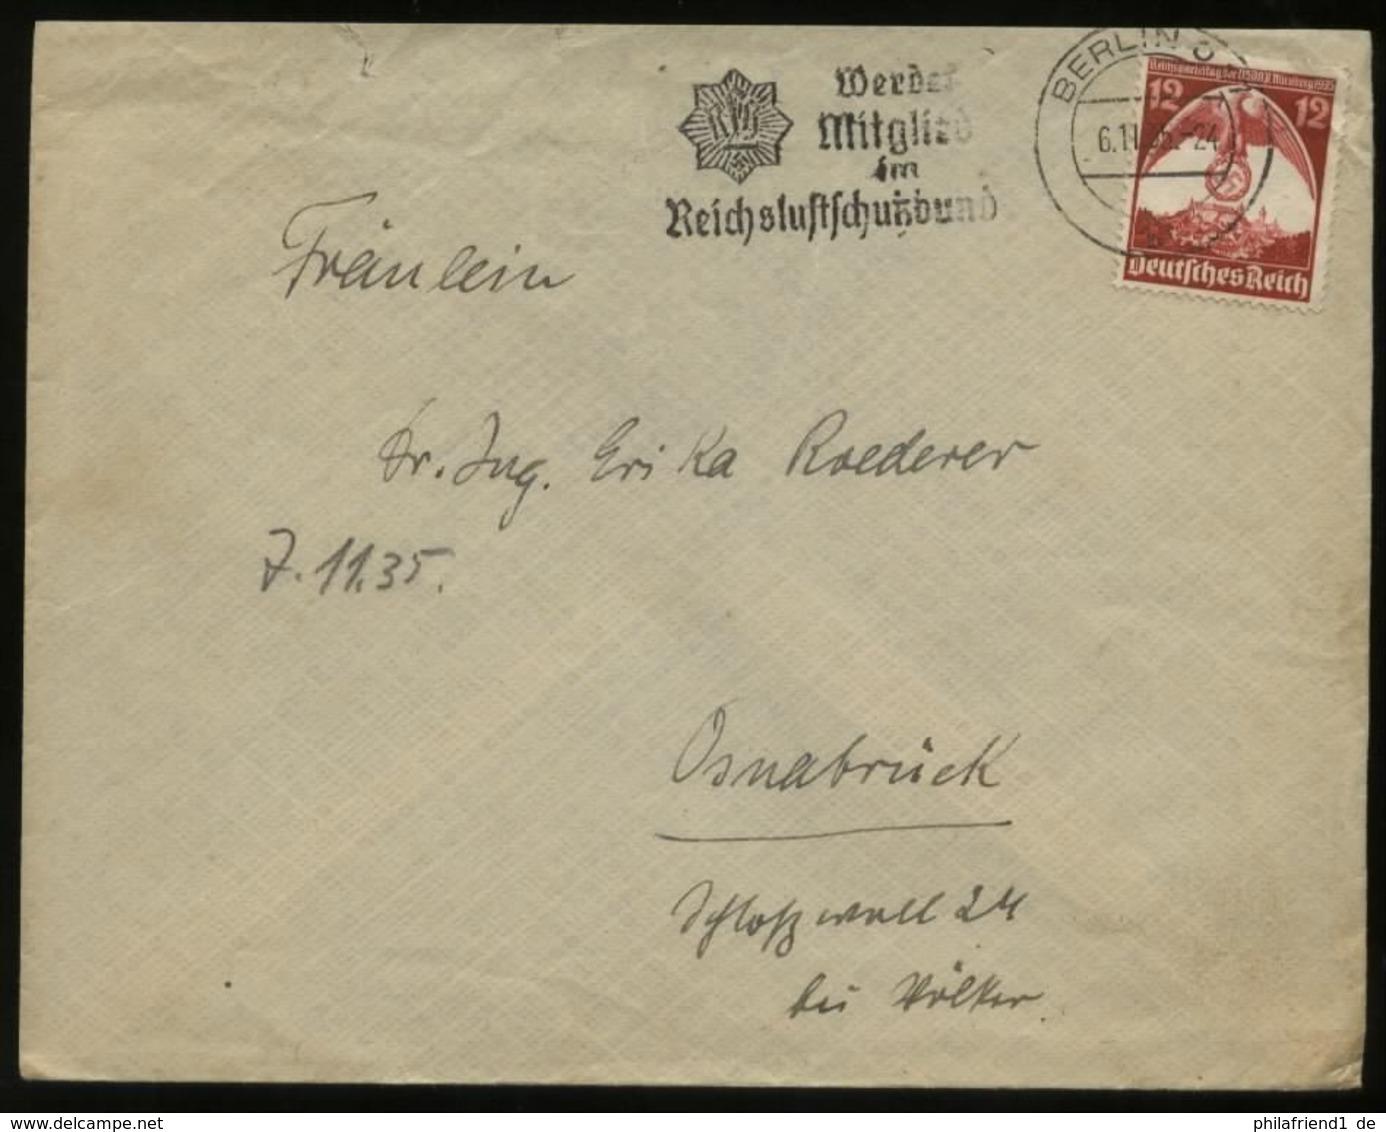 WW II DR Briefumschlag: Mit Reichsparteitag Sonderbriefmarke Gebraucht Mit Werbestempel Luftschutz Berlin - Osnabrück - Germany